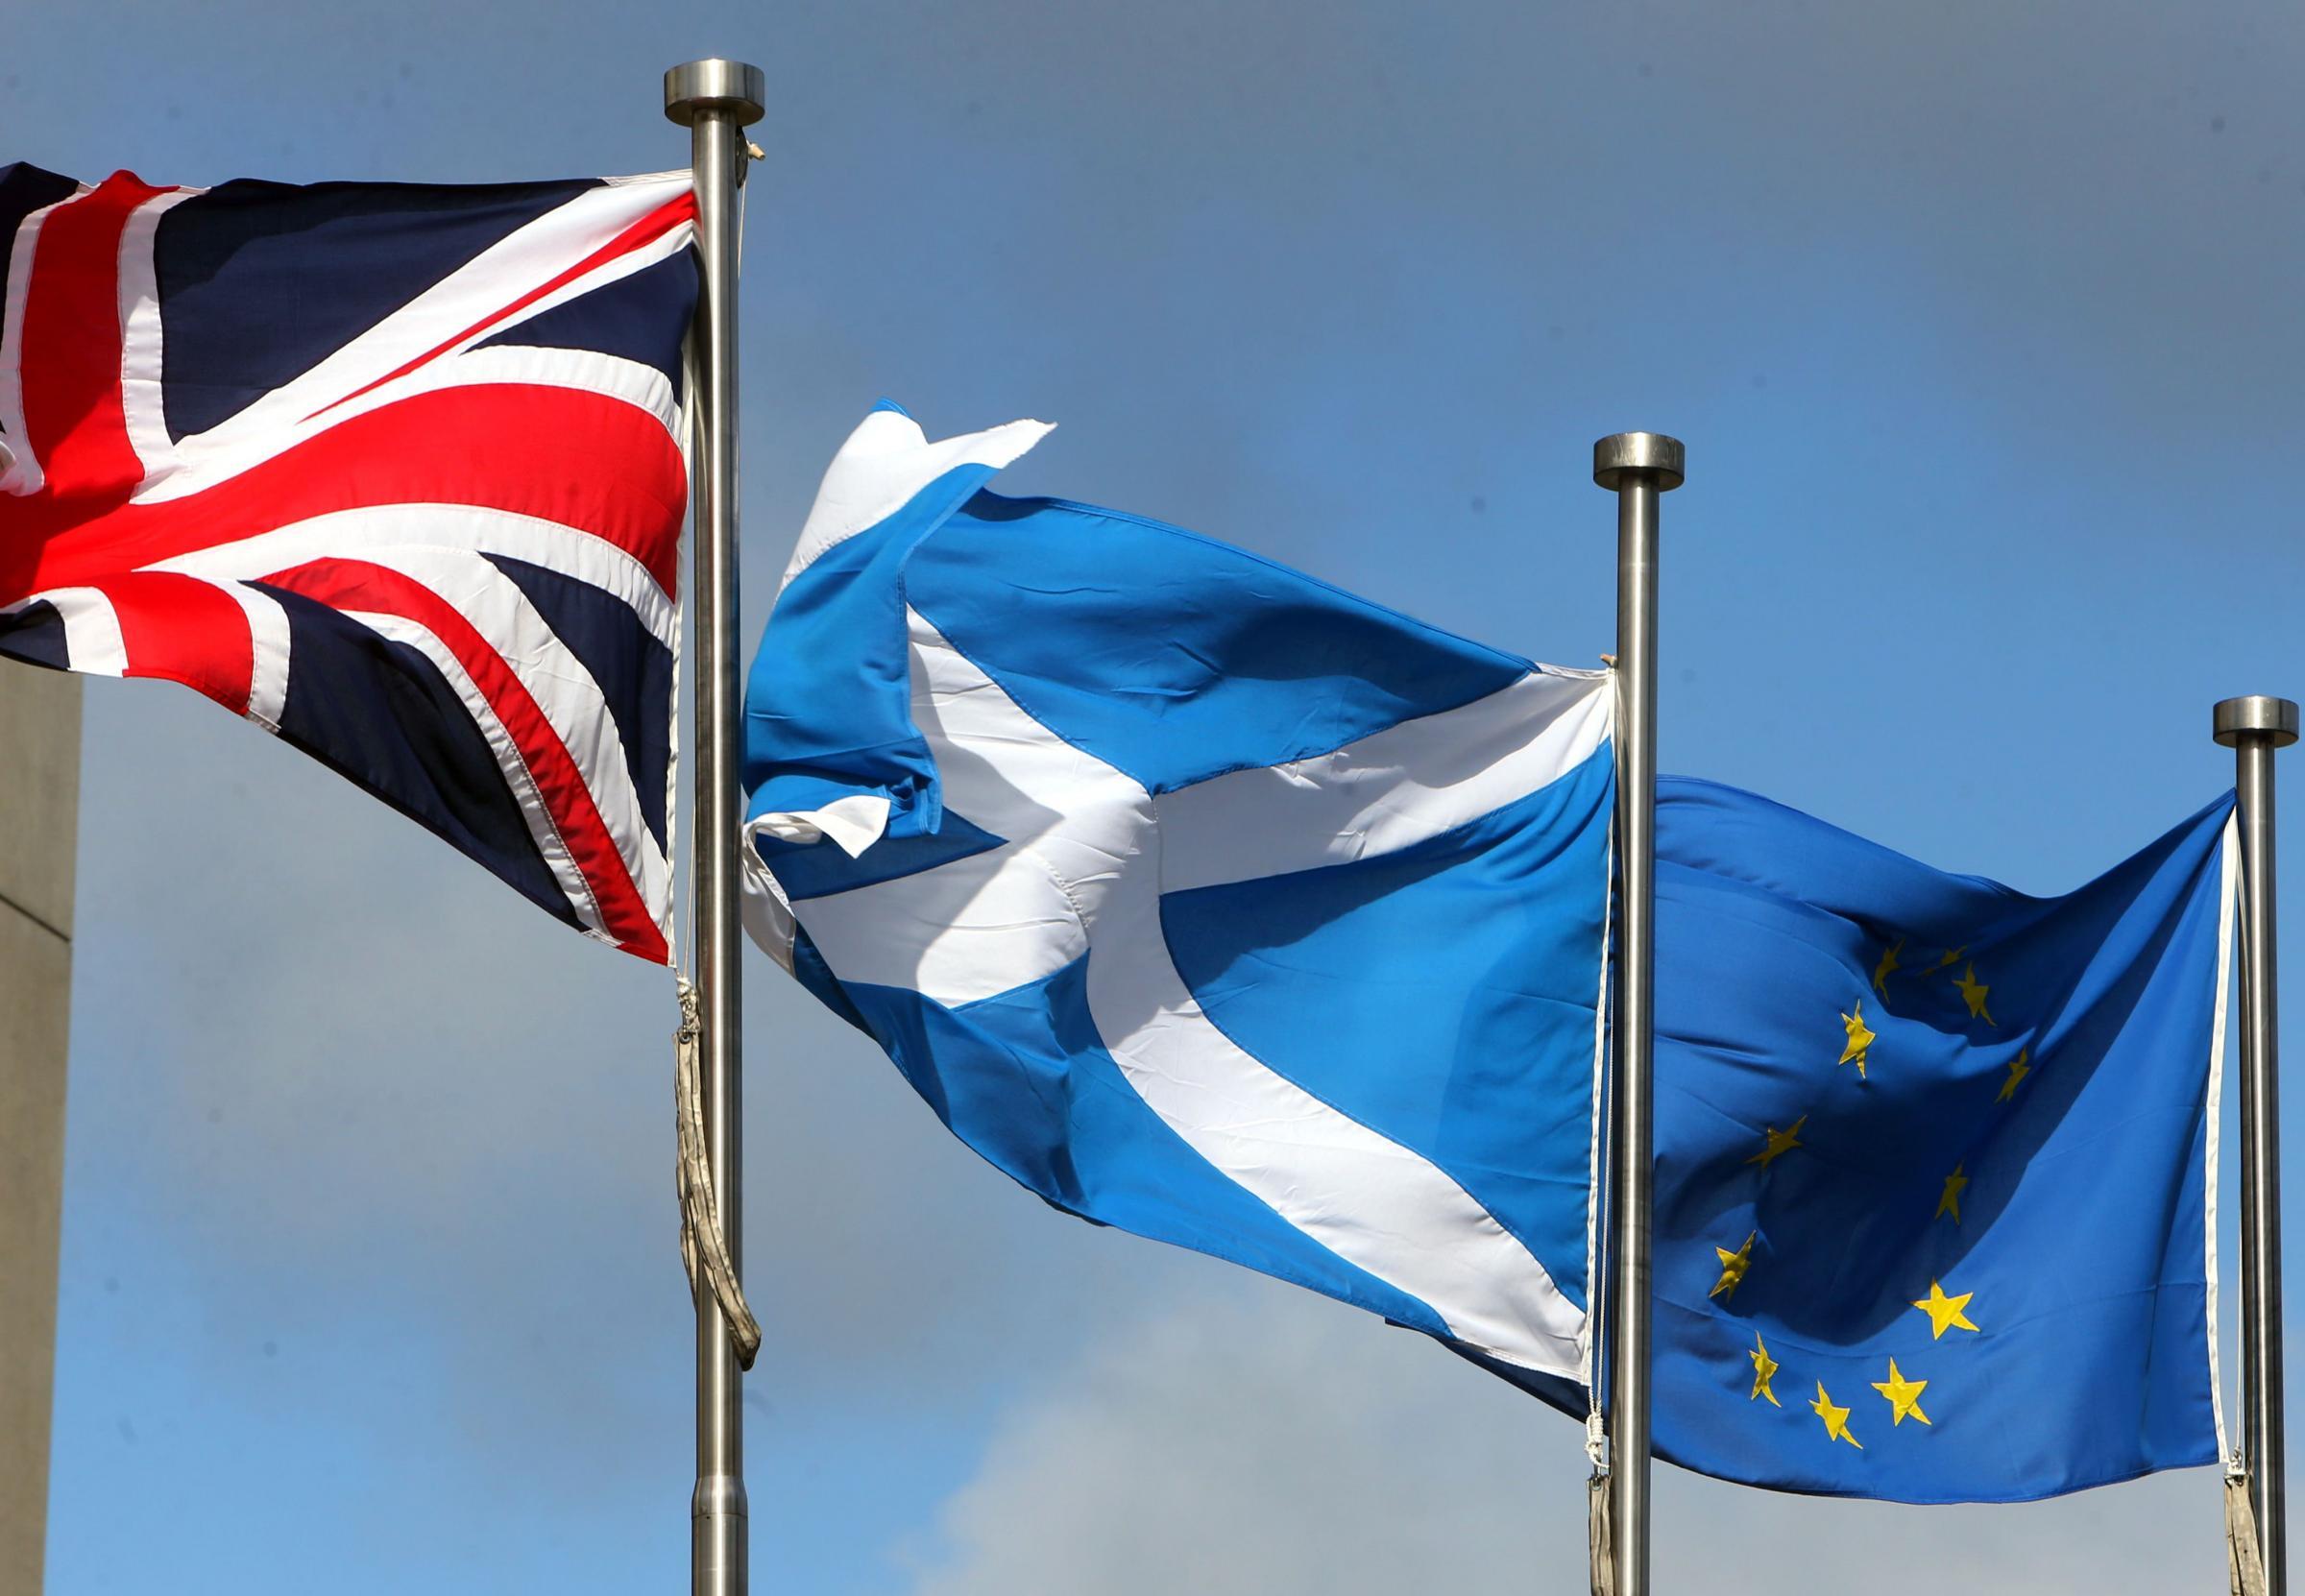 Risultati immagini per slatire and eu flags